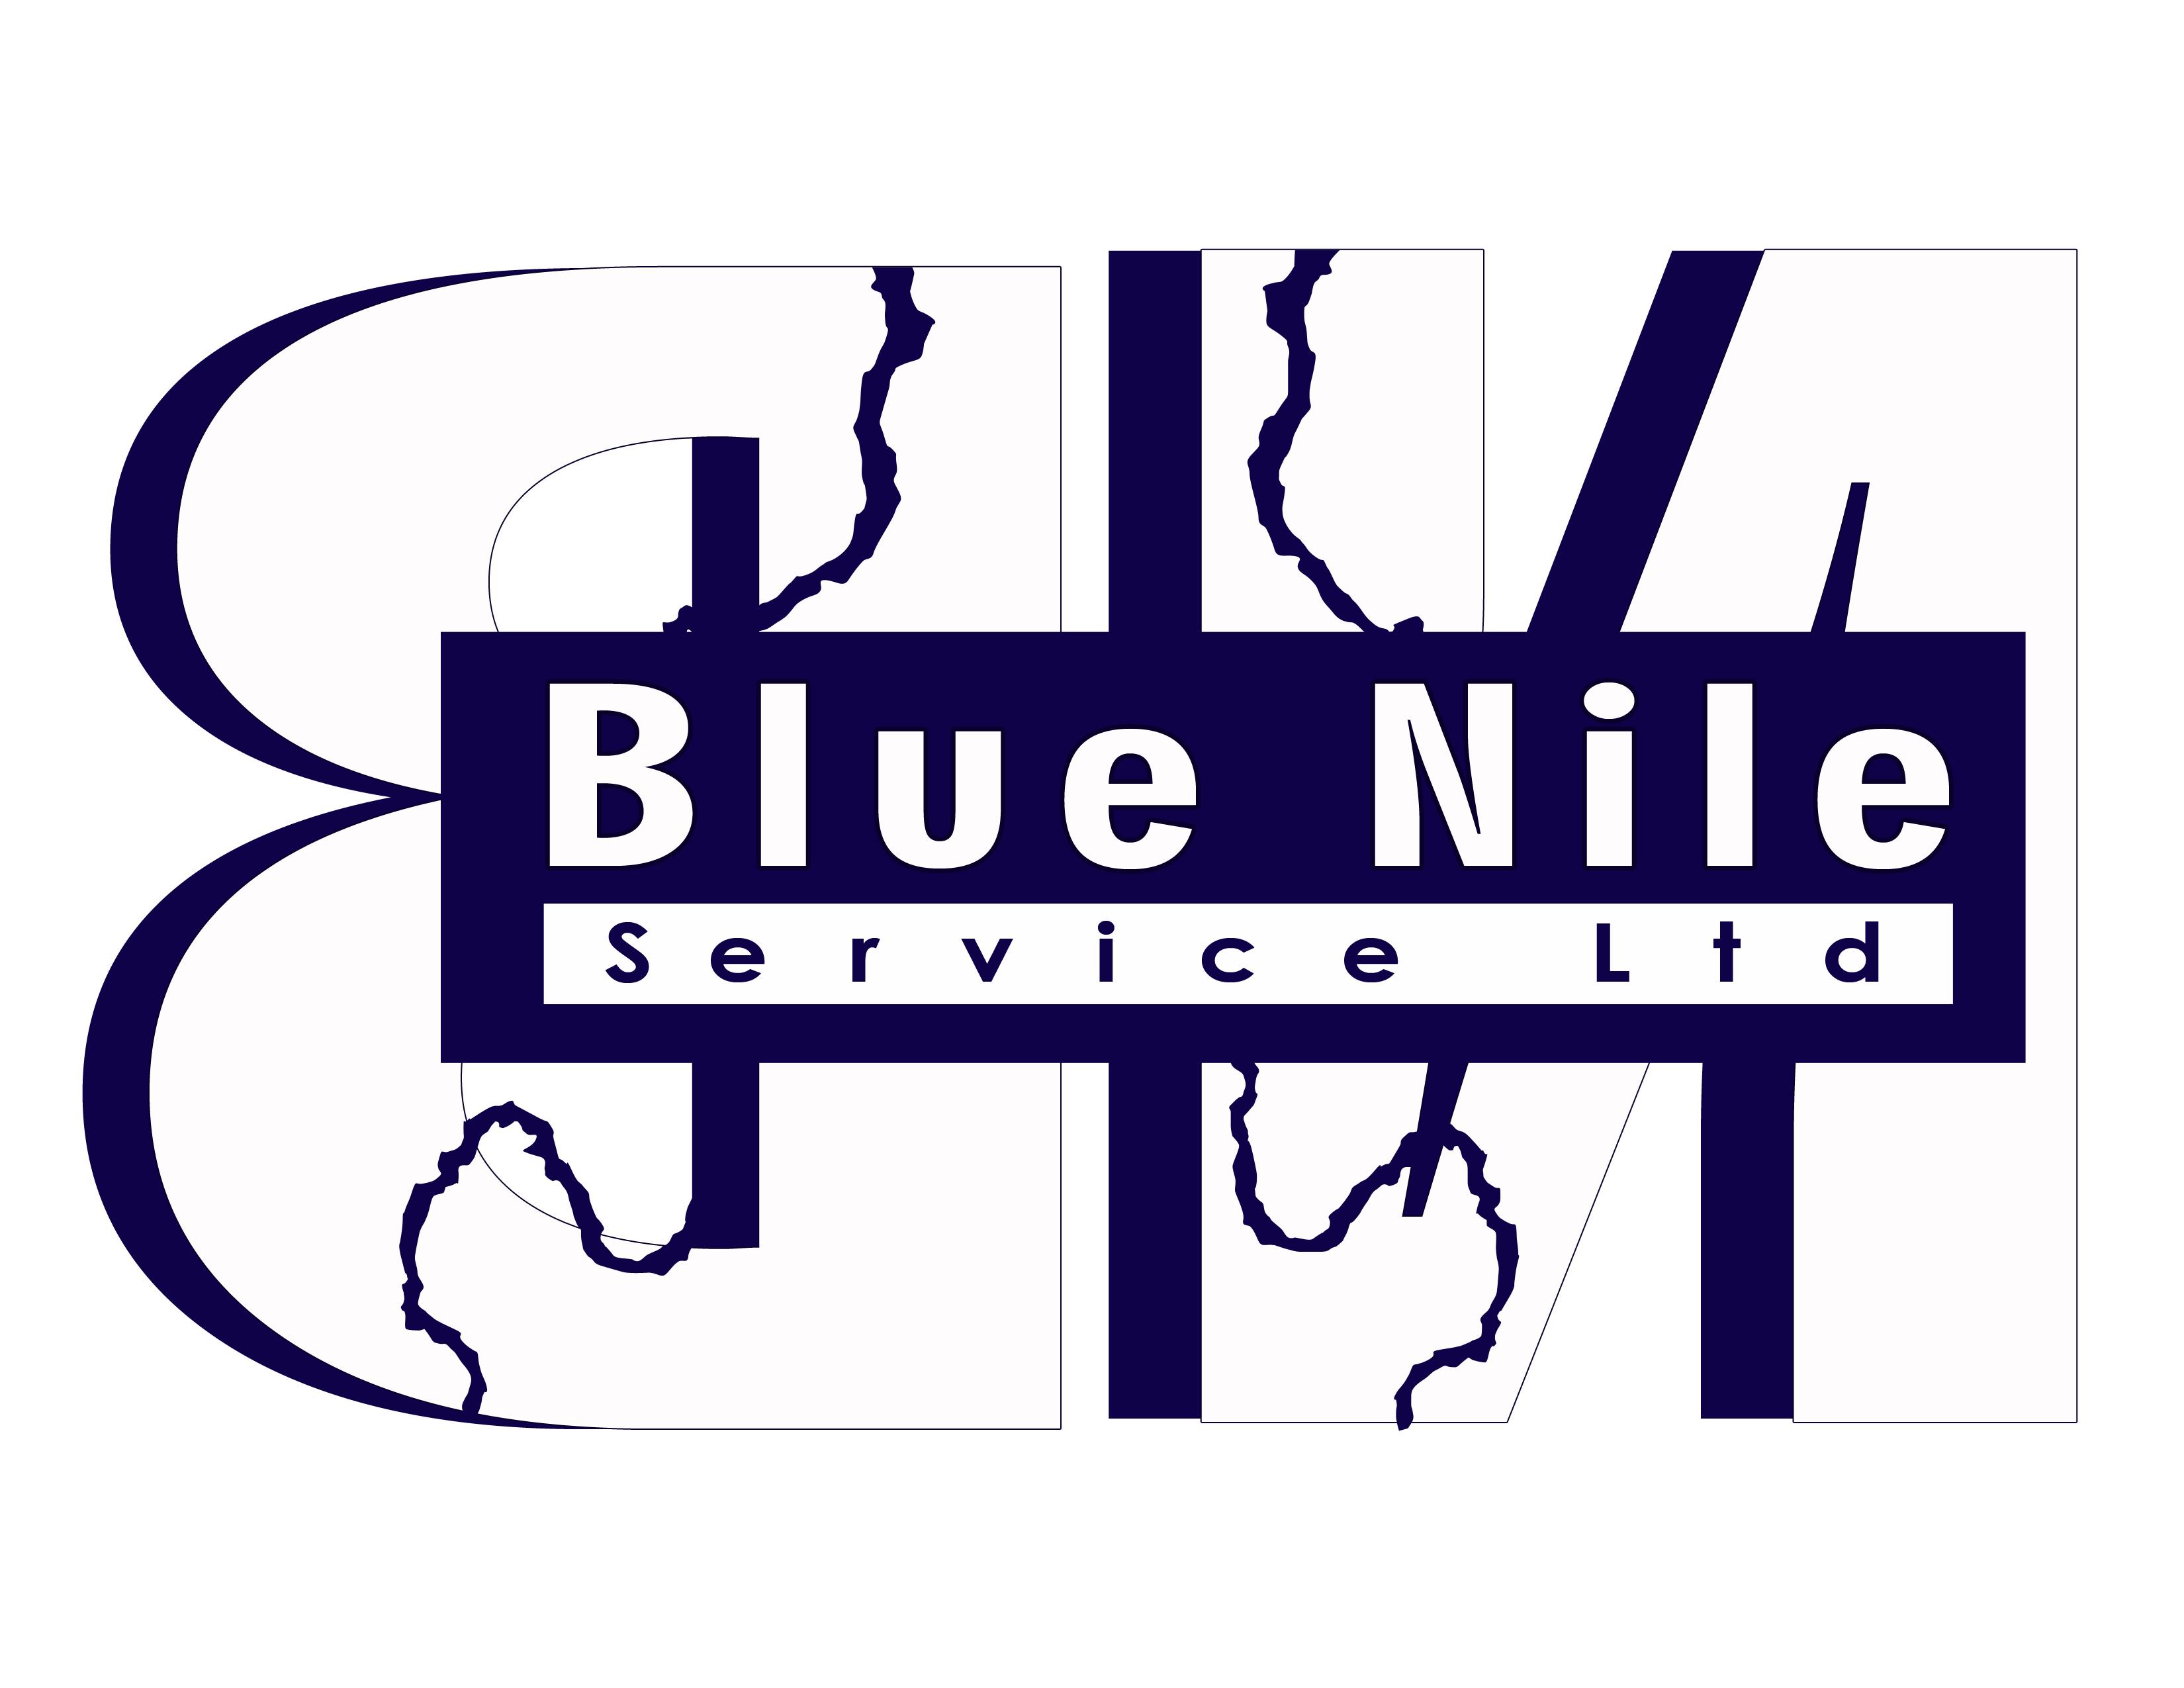 Logo Design by Cresencio Jao III - Entry No. 20 in the Logo Design Contest Imaginative Logo Design for Blue Nile Service Ltd.